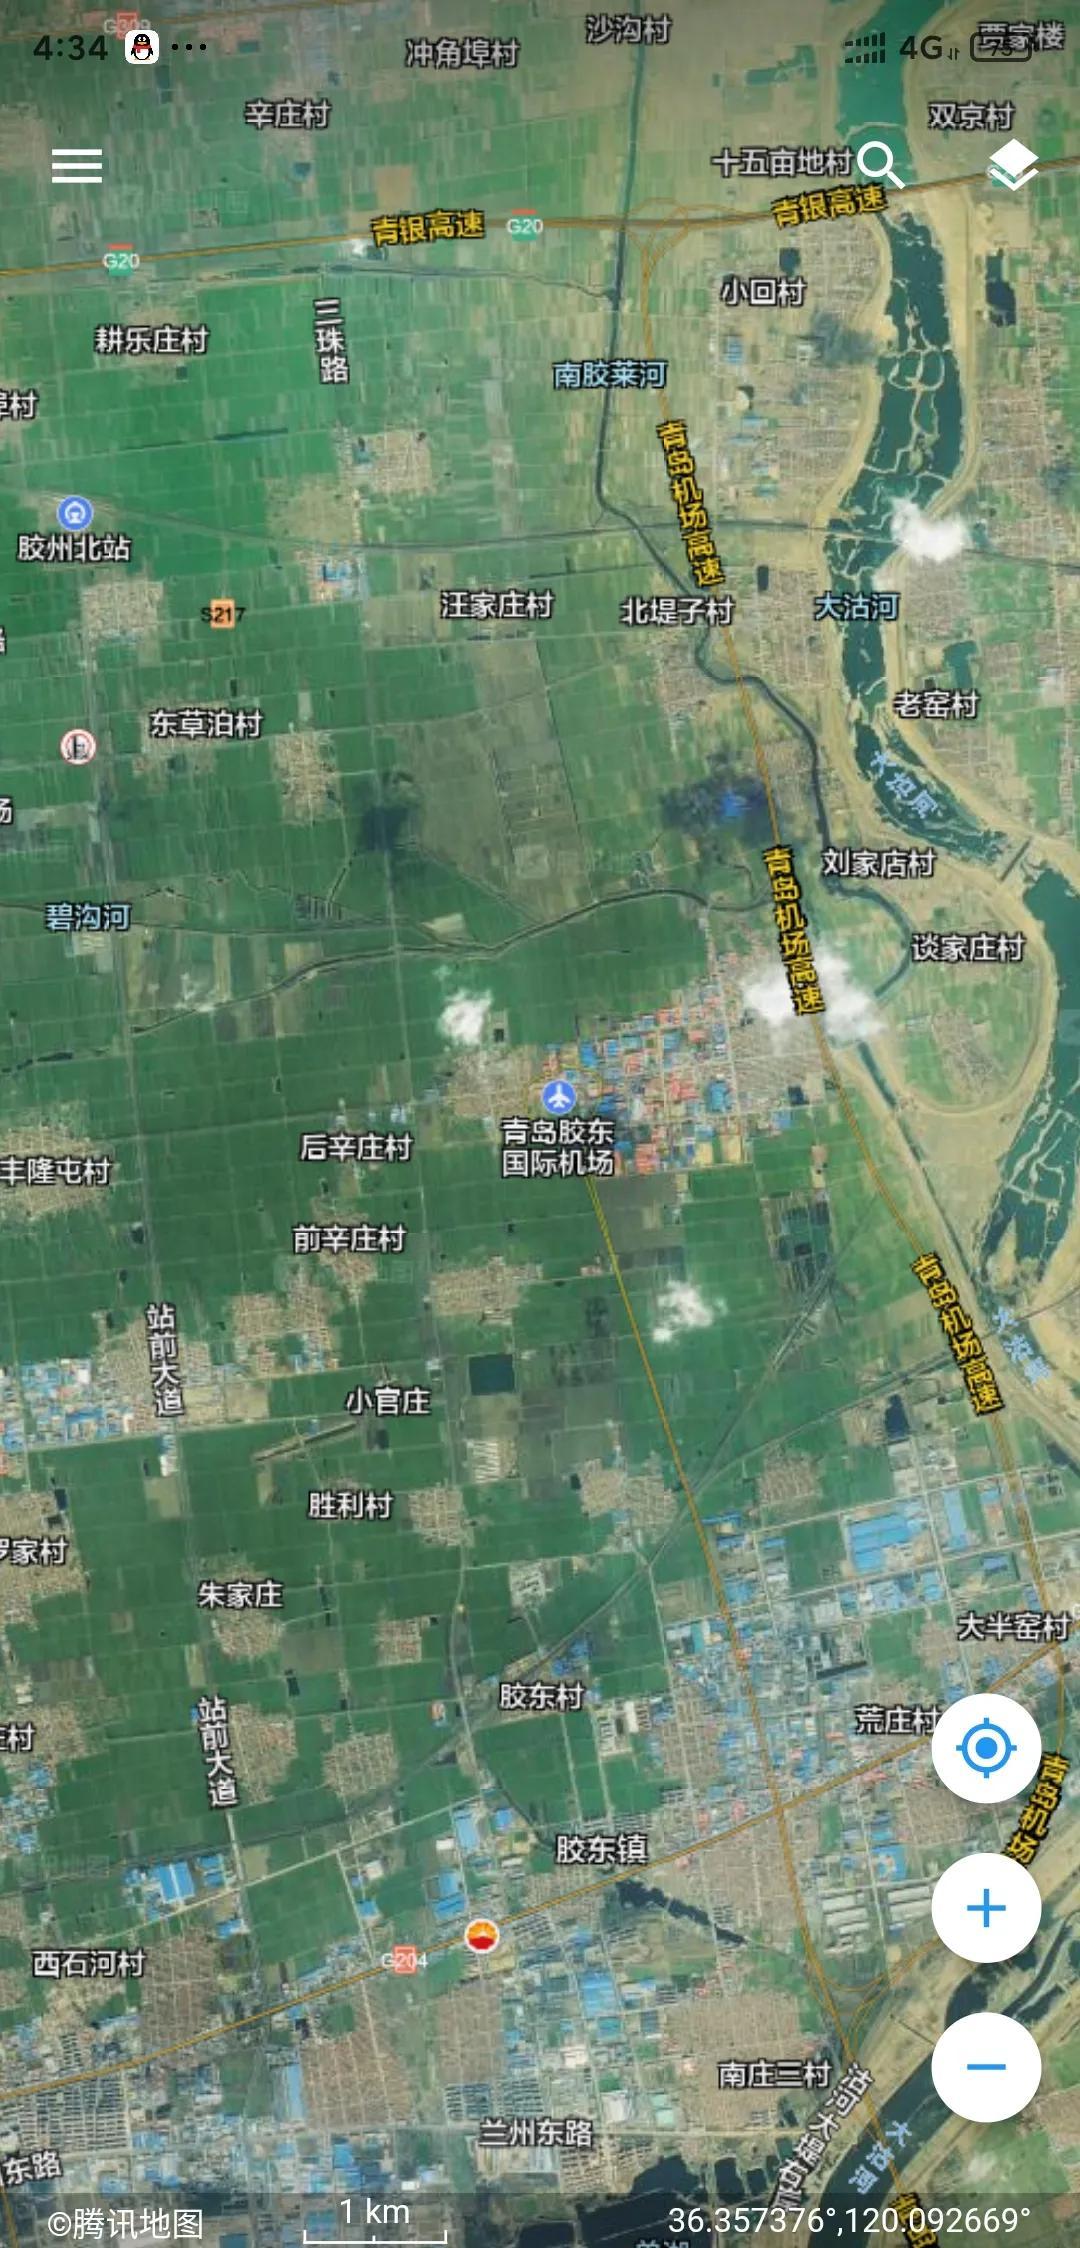 卫星地图哪家强?全面评测主流的五家卫星地图